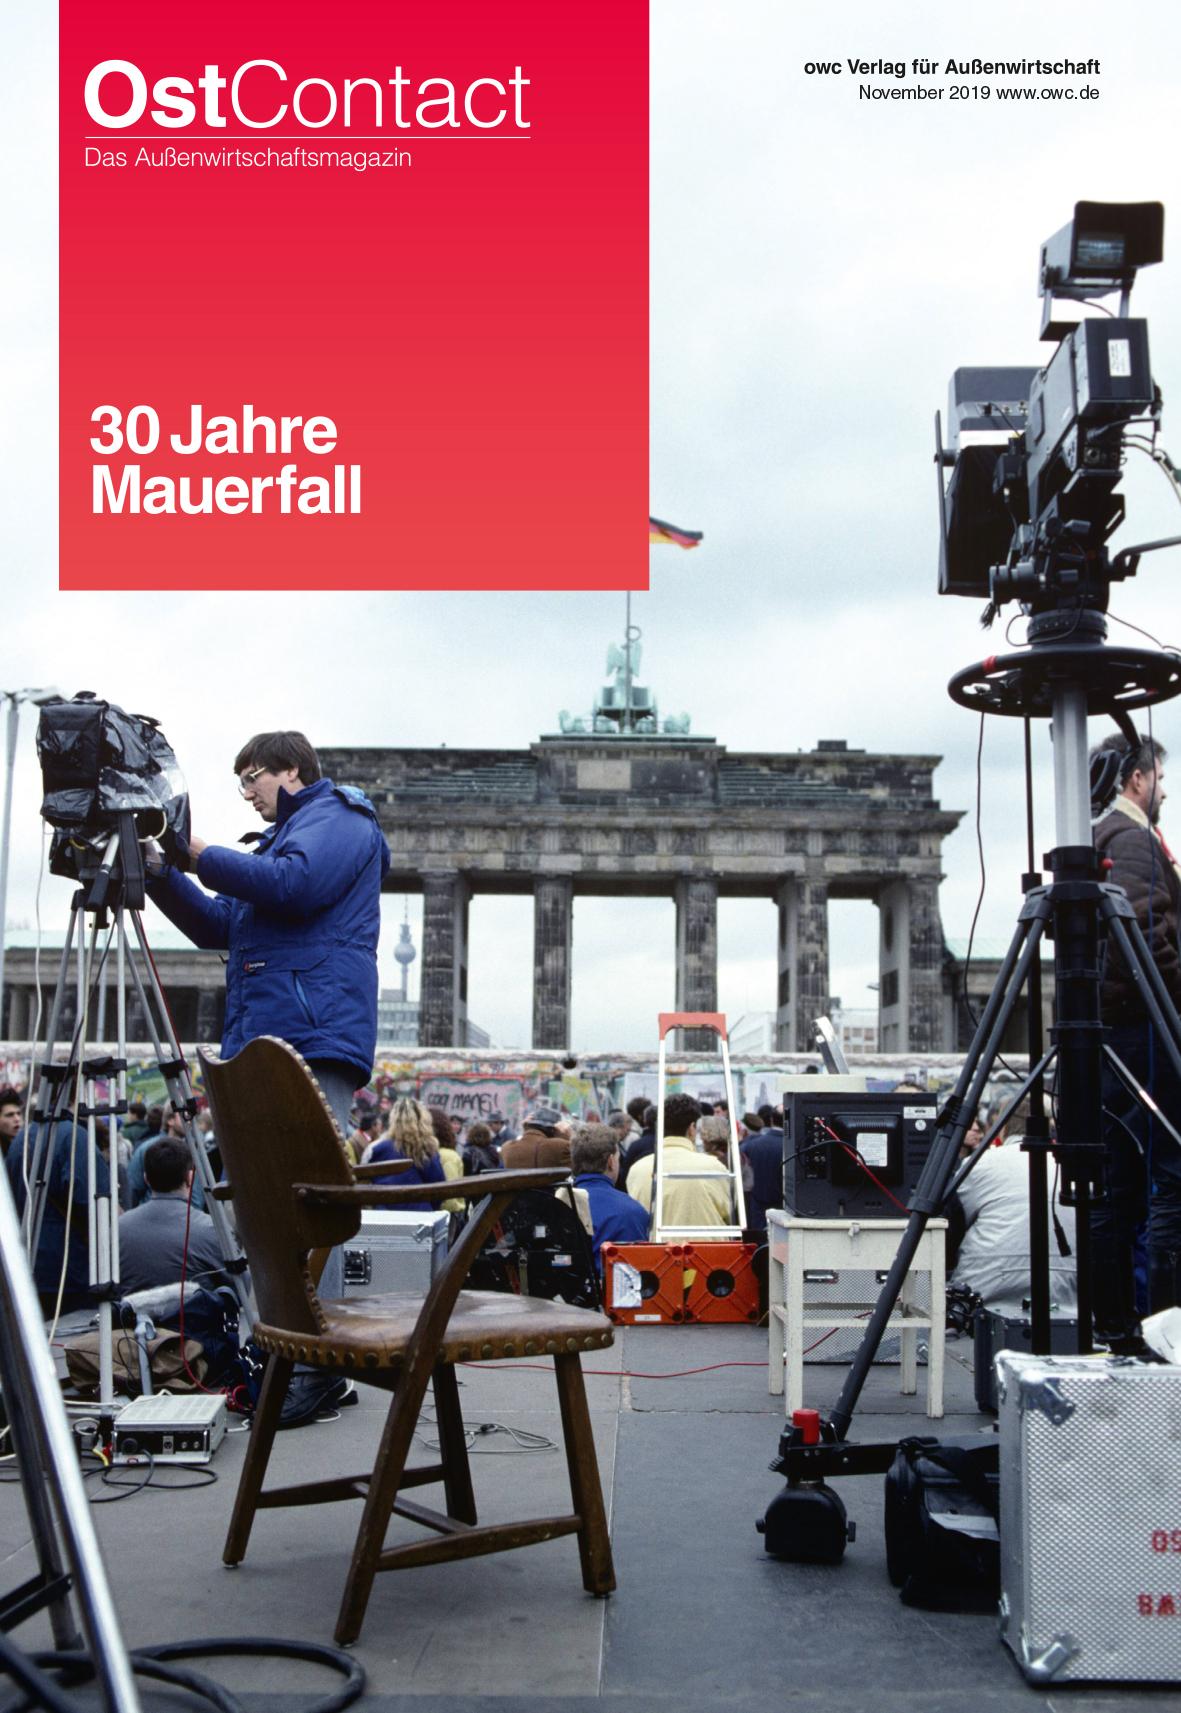 https://owc.de/wp-content/uploads/2020/04/OC-Mauerfall-Special_DRUCK-1.jpg